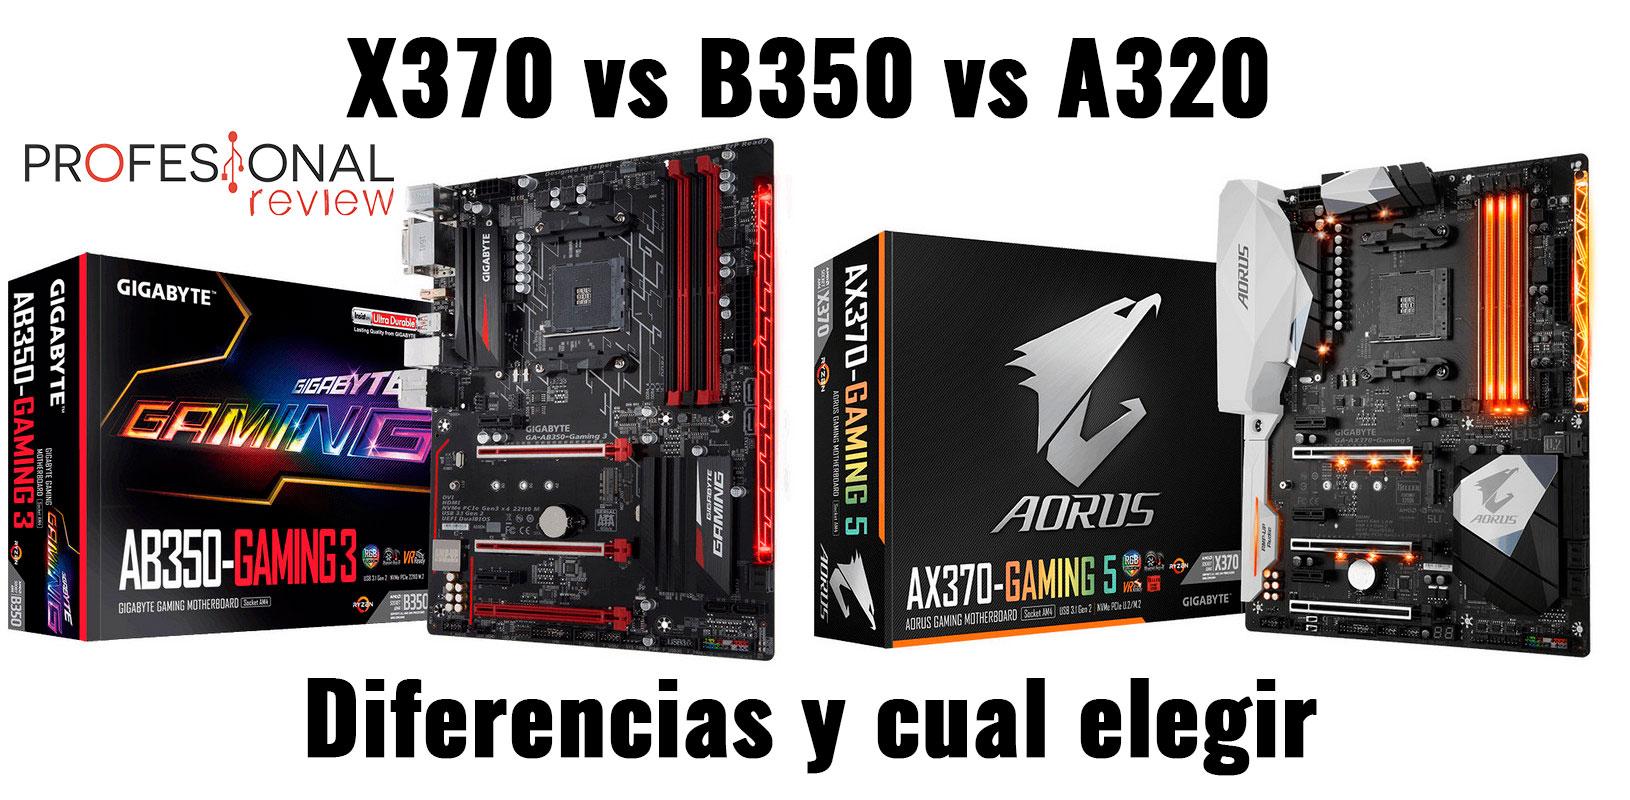 X370 vs B350 vs A320